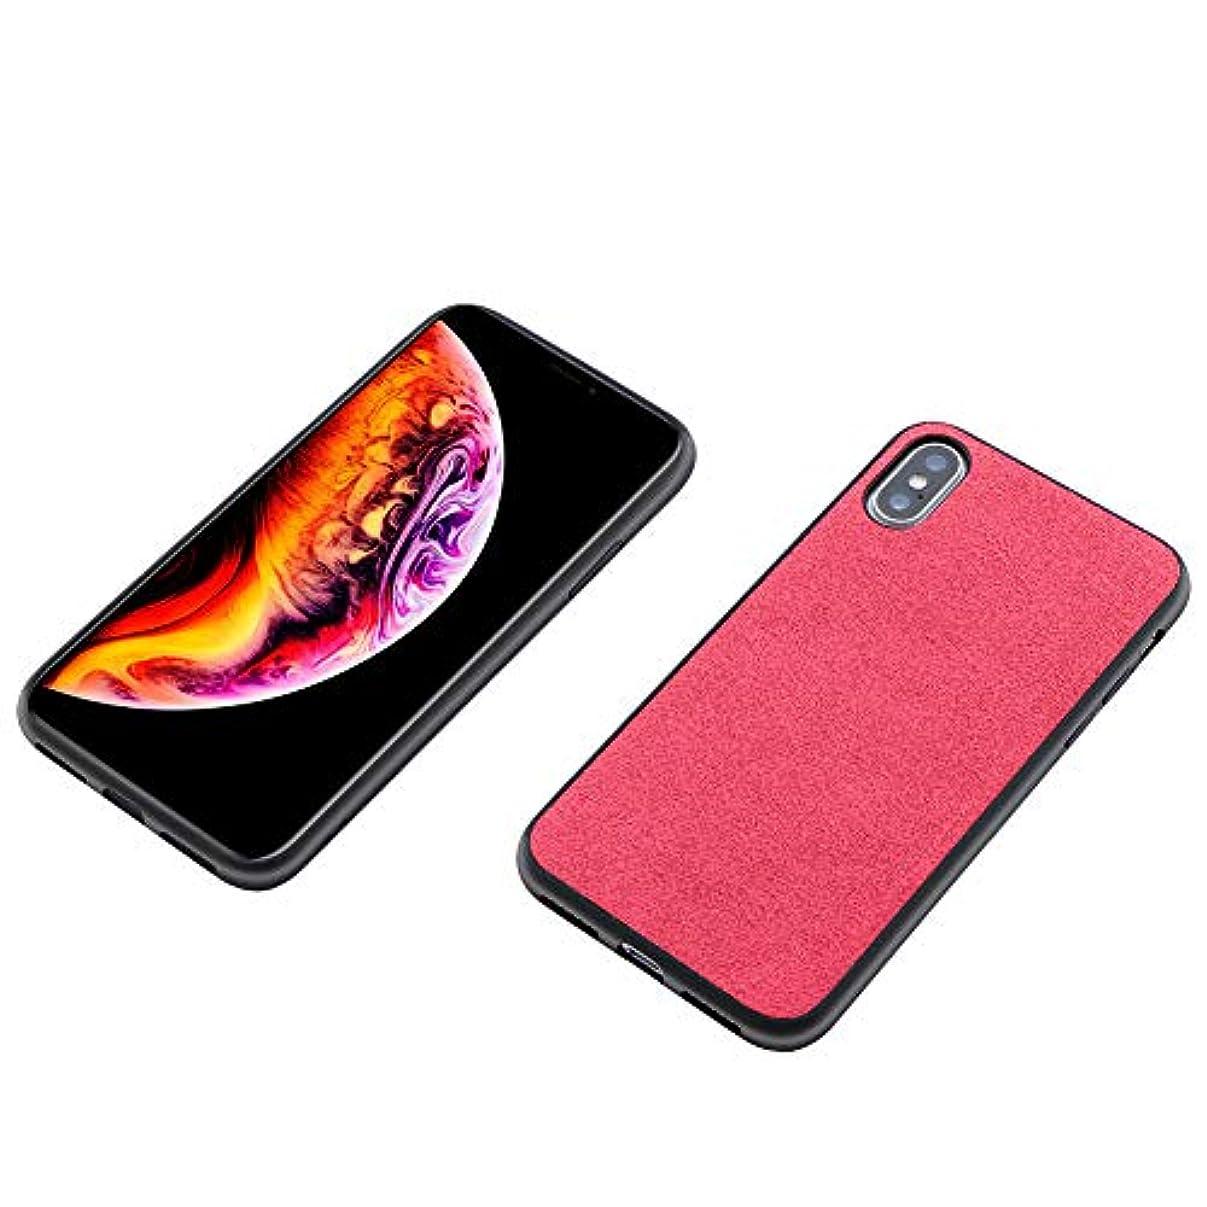 ホーン達成可能鋸歯状Iphone 携帯電話のシェルス 対応 アルカンタラ シンプル 落下防止 携帯電話 iphone